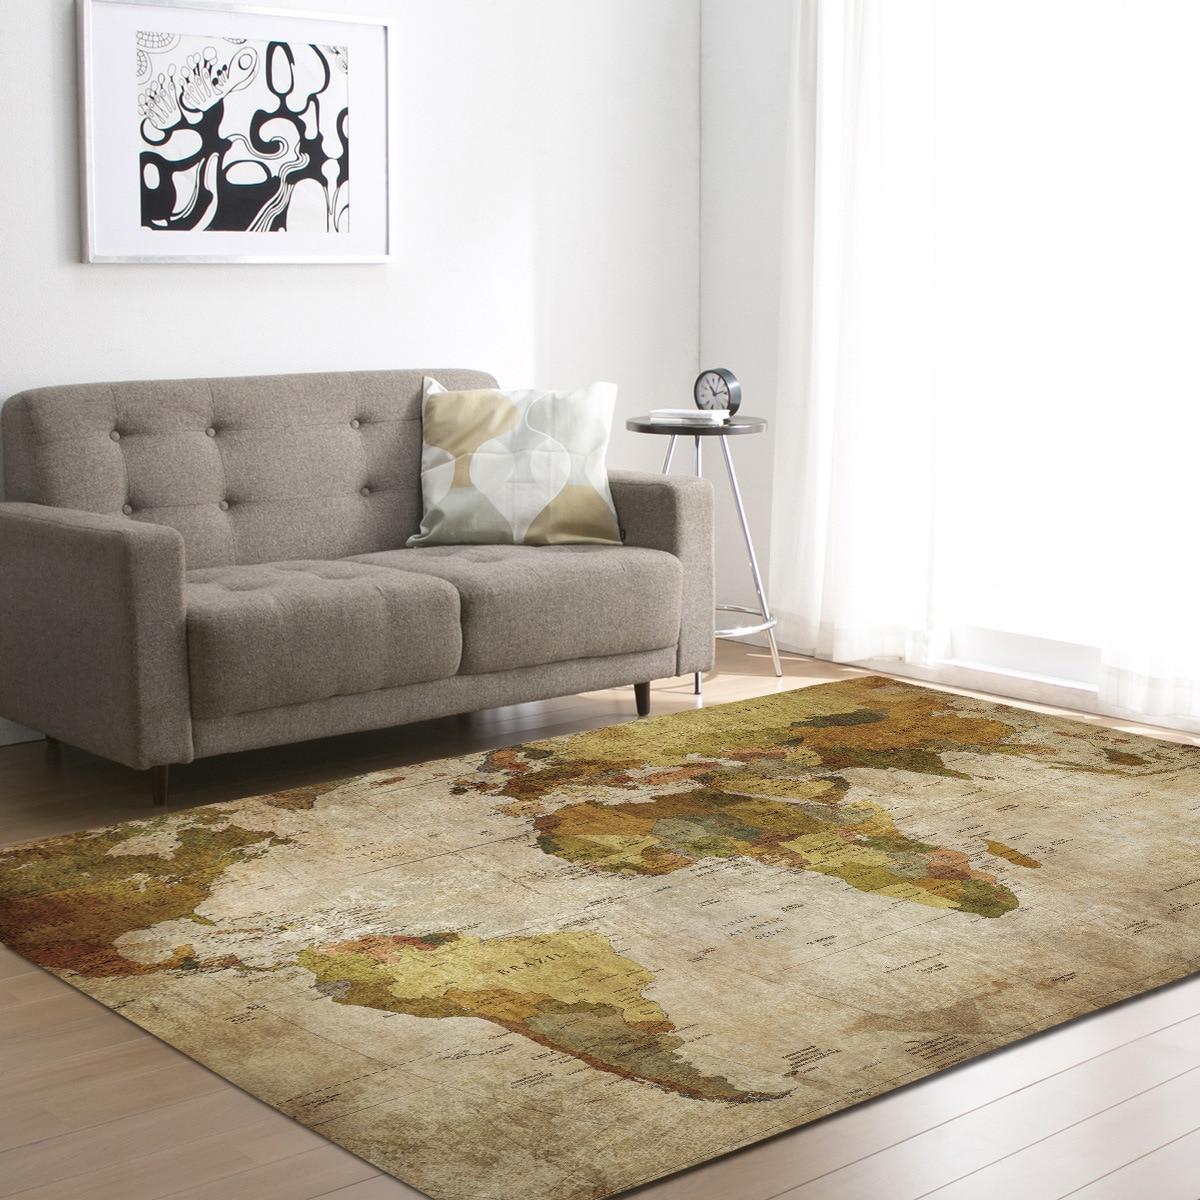 WINLIFE carte du monde motif grande taille tapis pour salon chambre décor à la maison Ding Room bureau chaise tapis de sol tapis de chevet